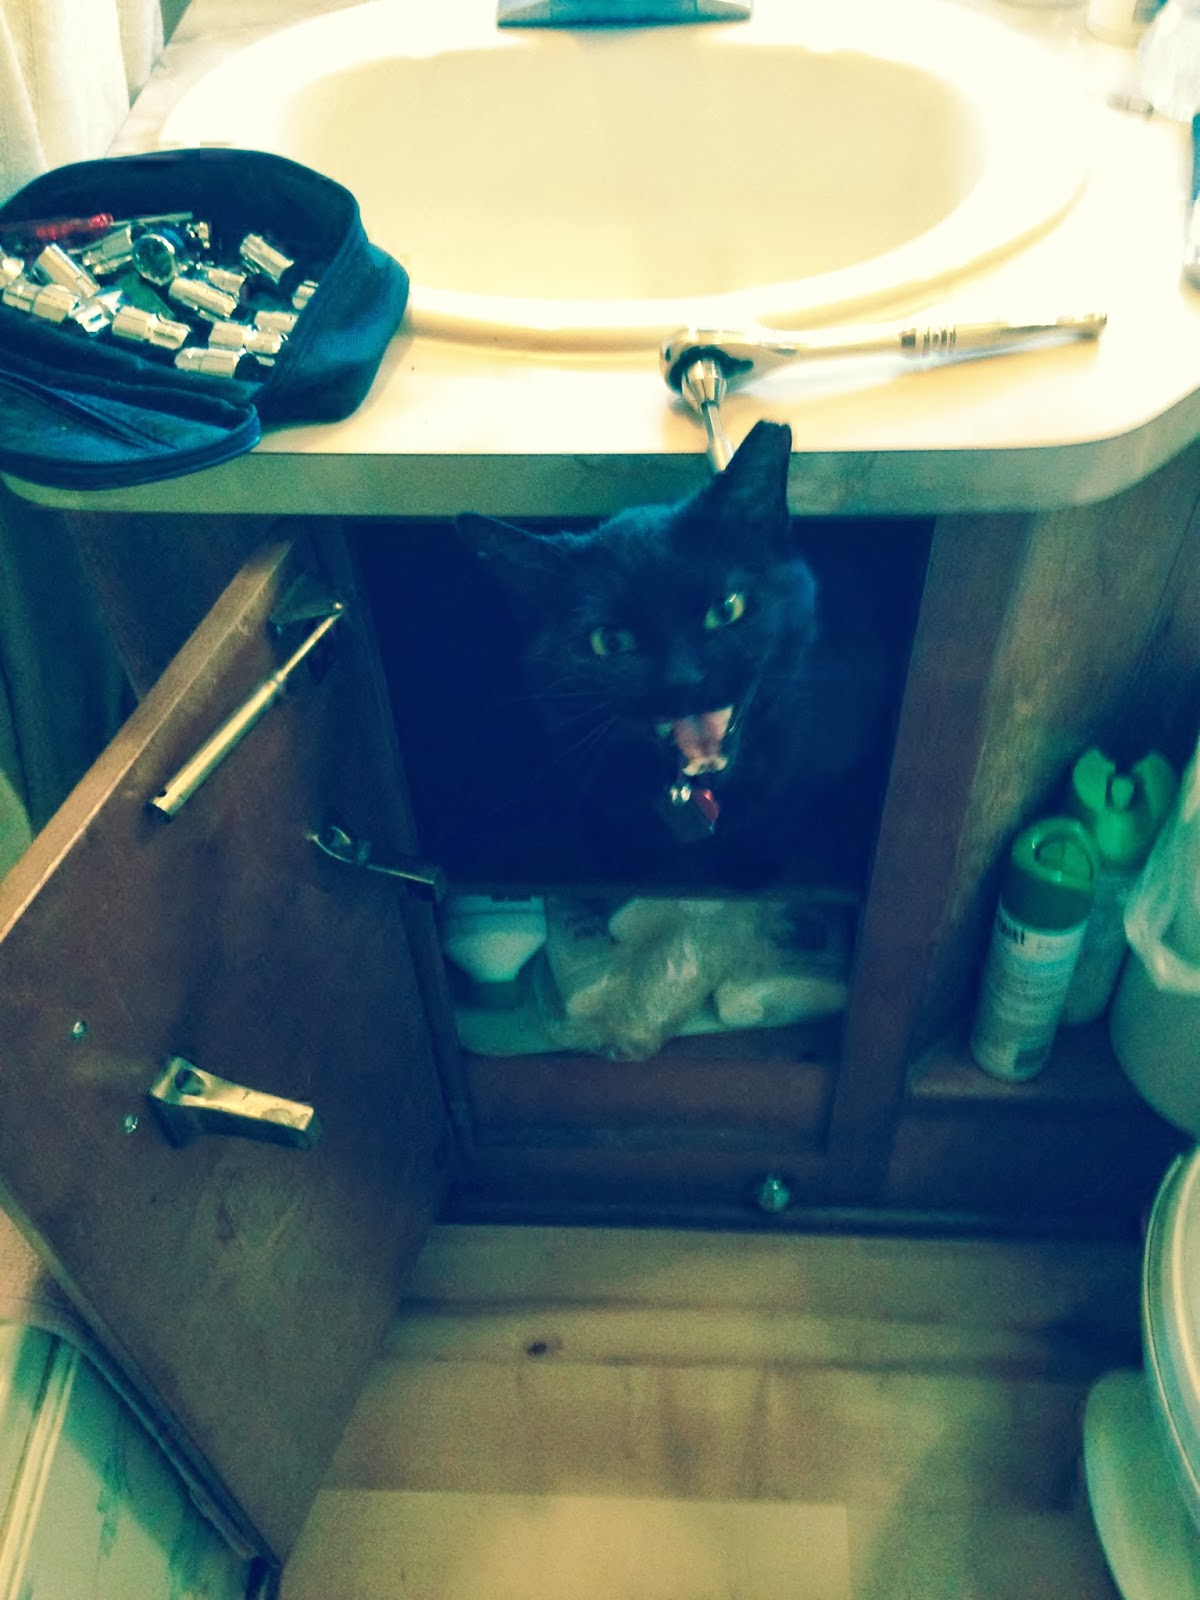 cat under sink